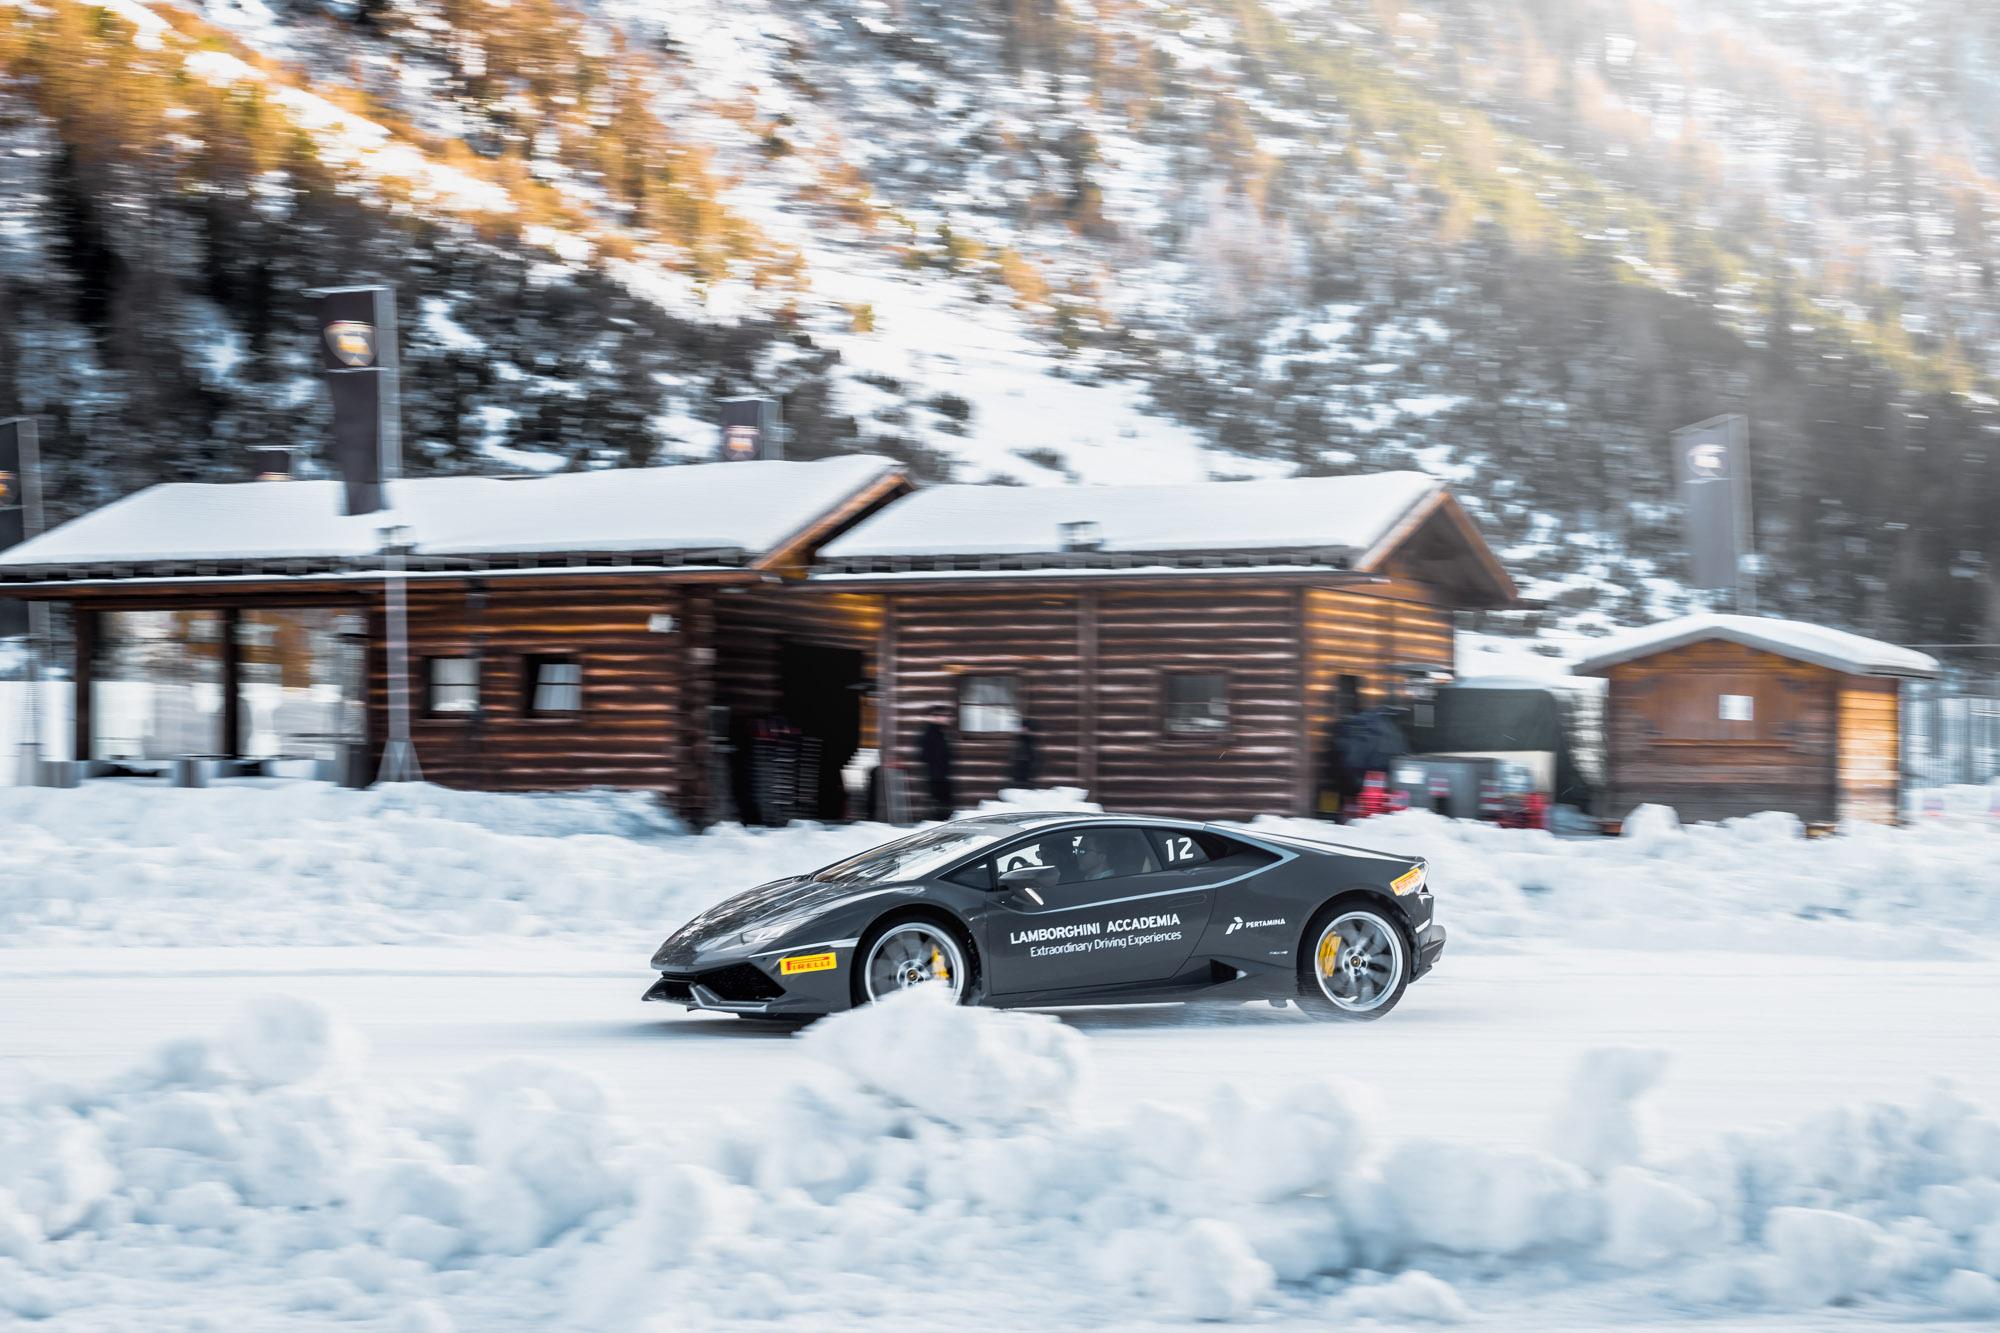 Lamborghini Winter Accademia 15